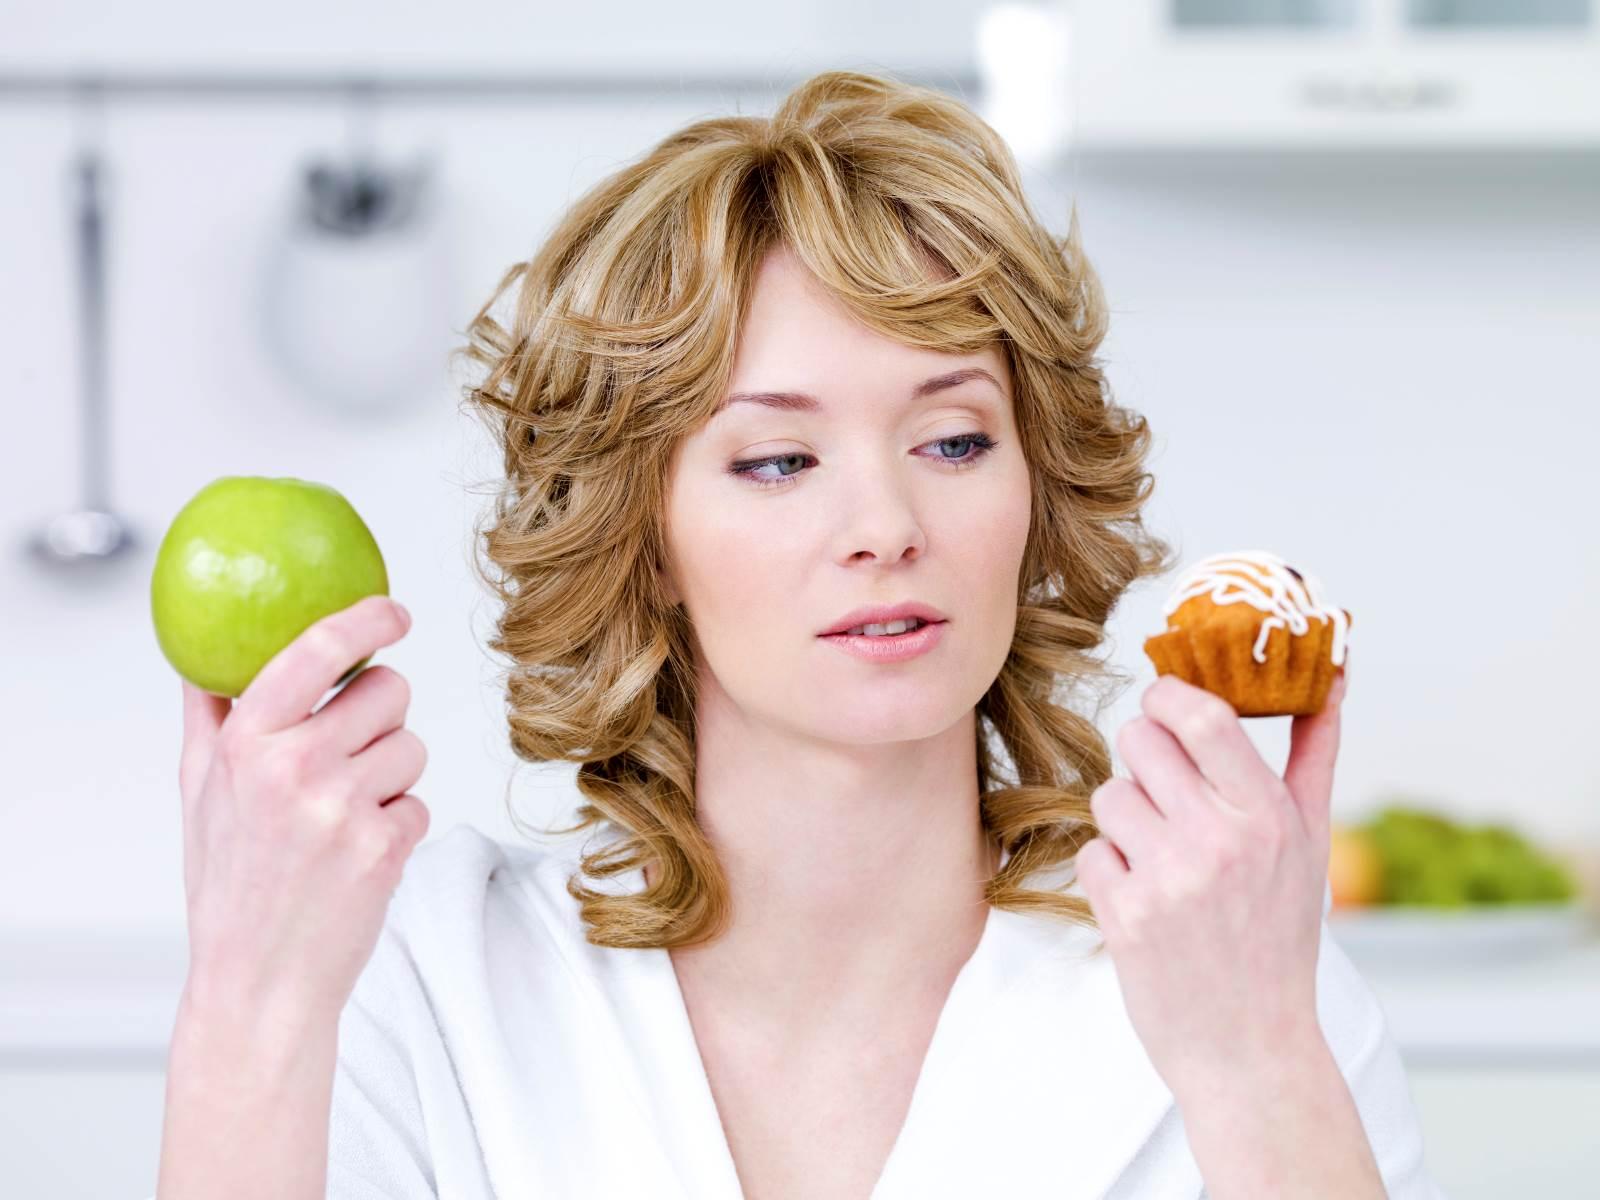 Диеты - Углеводы:мучное и сладкое - похудеть за неделю 10 кг